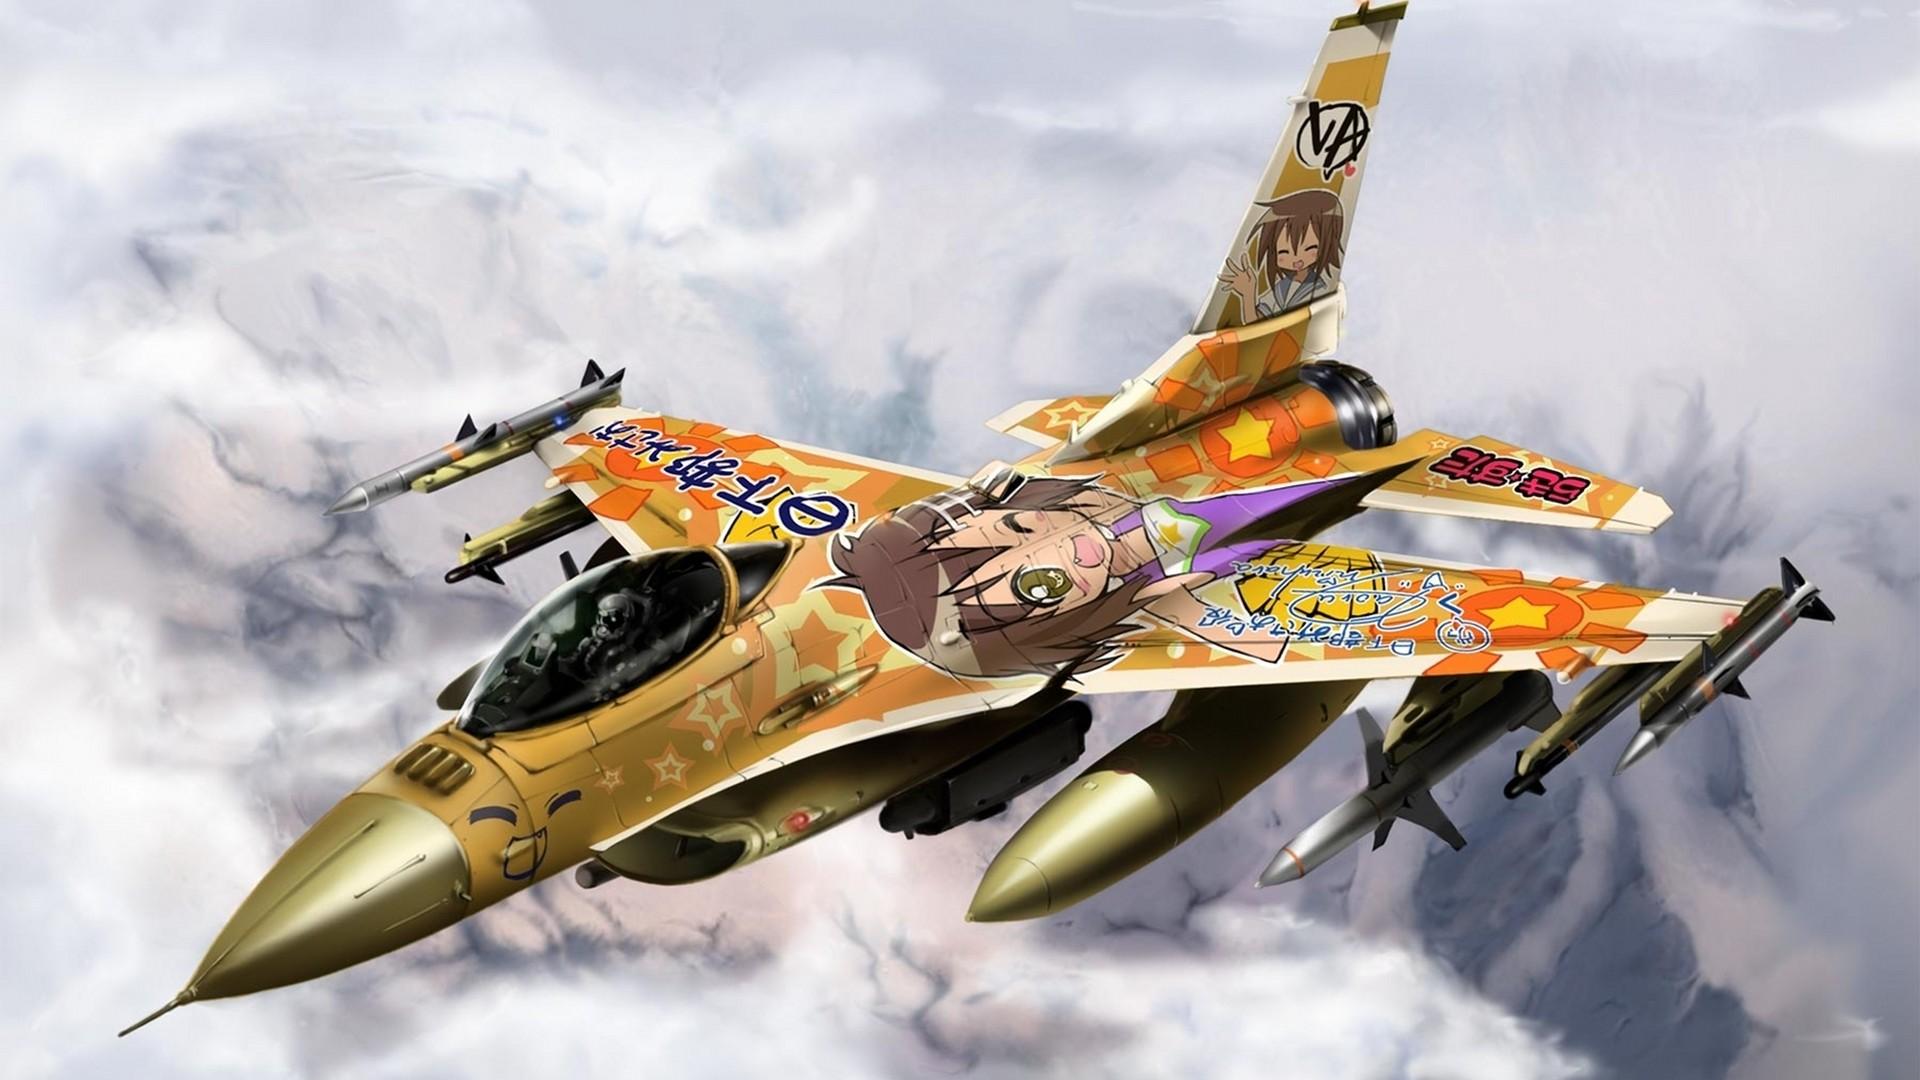 Colorful F-16 Falcon – 1080p HD Wallpaper for Desktop